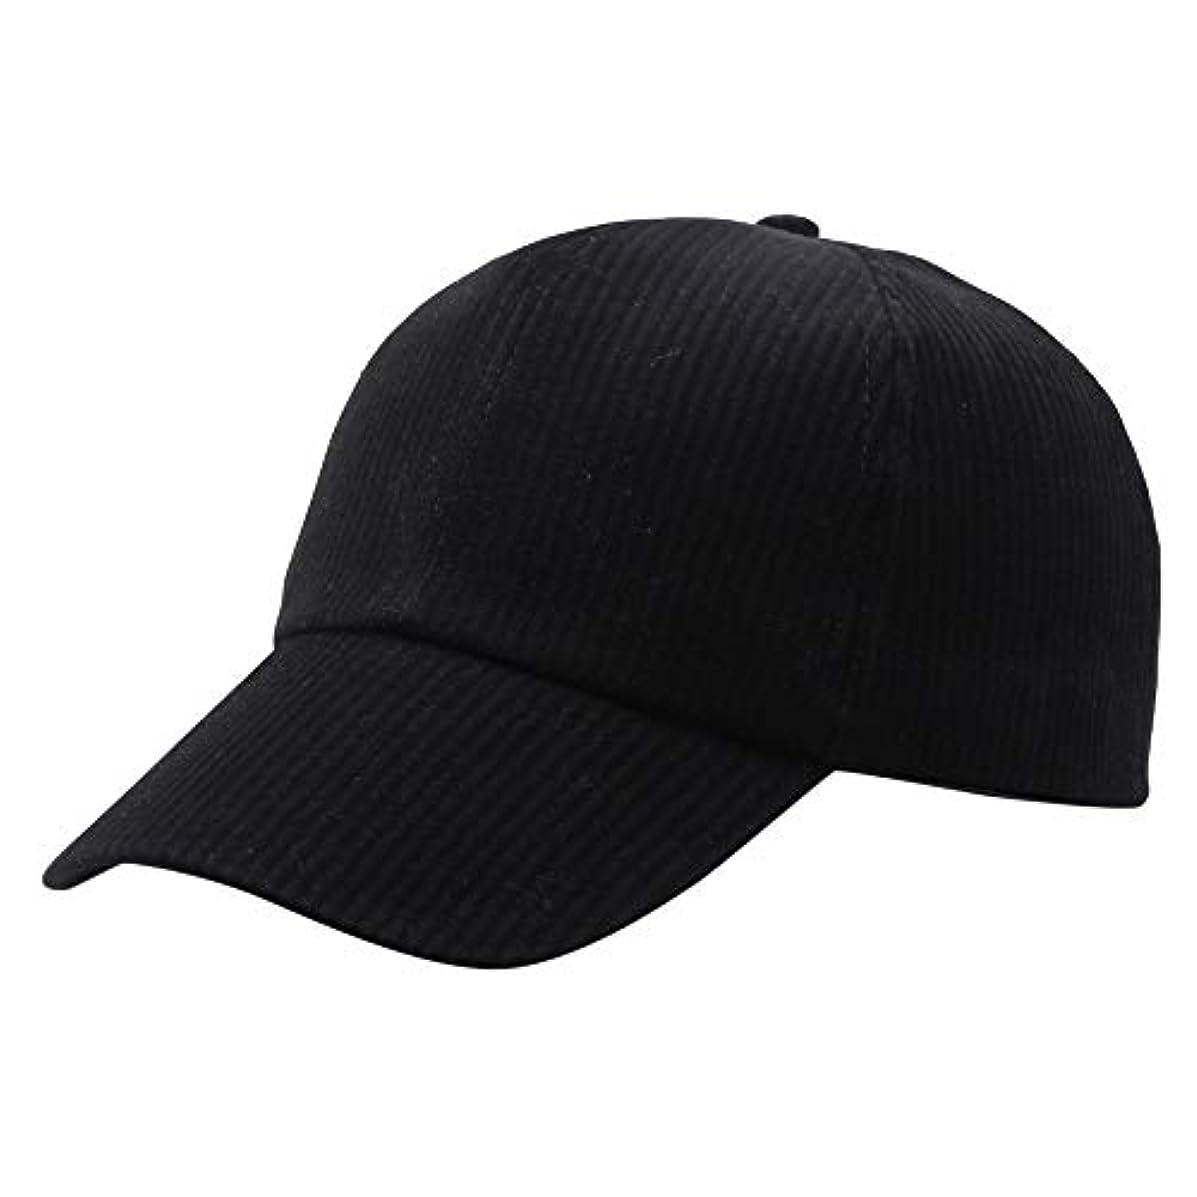 安いです反発堂々たるRacazing Cap コーデュロイ 野球帽 迷彩 夏 登山 通気性のある メッシュ 帽子 ベルクロ 可調整可能 ストライプ 刺繍 棒球帽 UV 帽子 軽量 屋外 Unisex Hat (B)